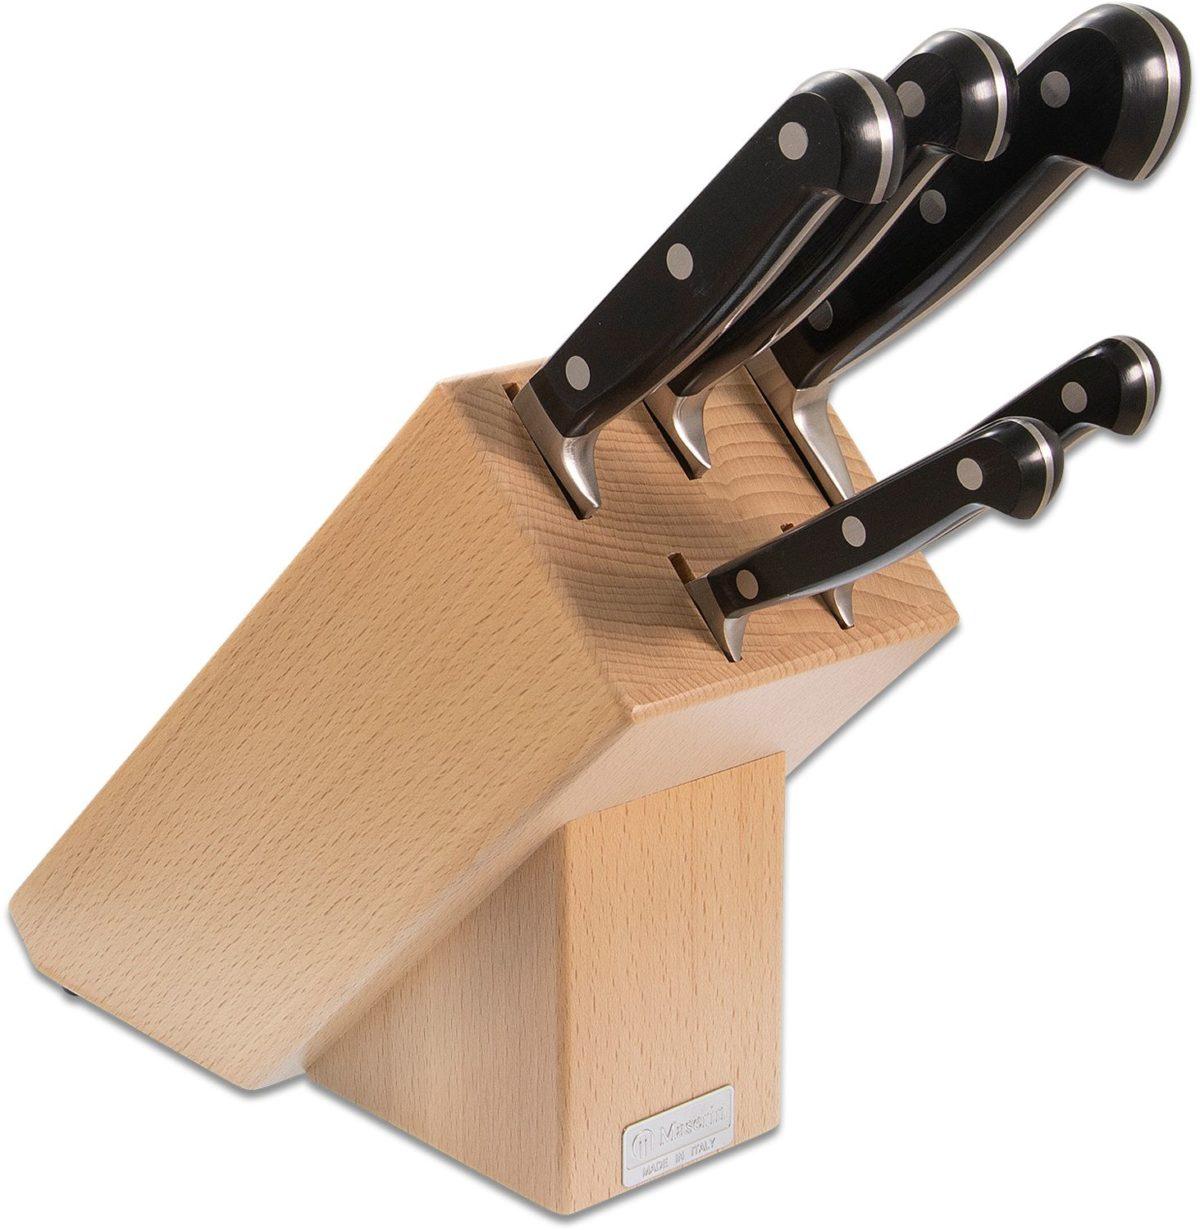 Maserin Black POM 6 Piece Kitchen Block Set